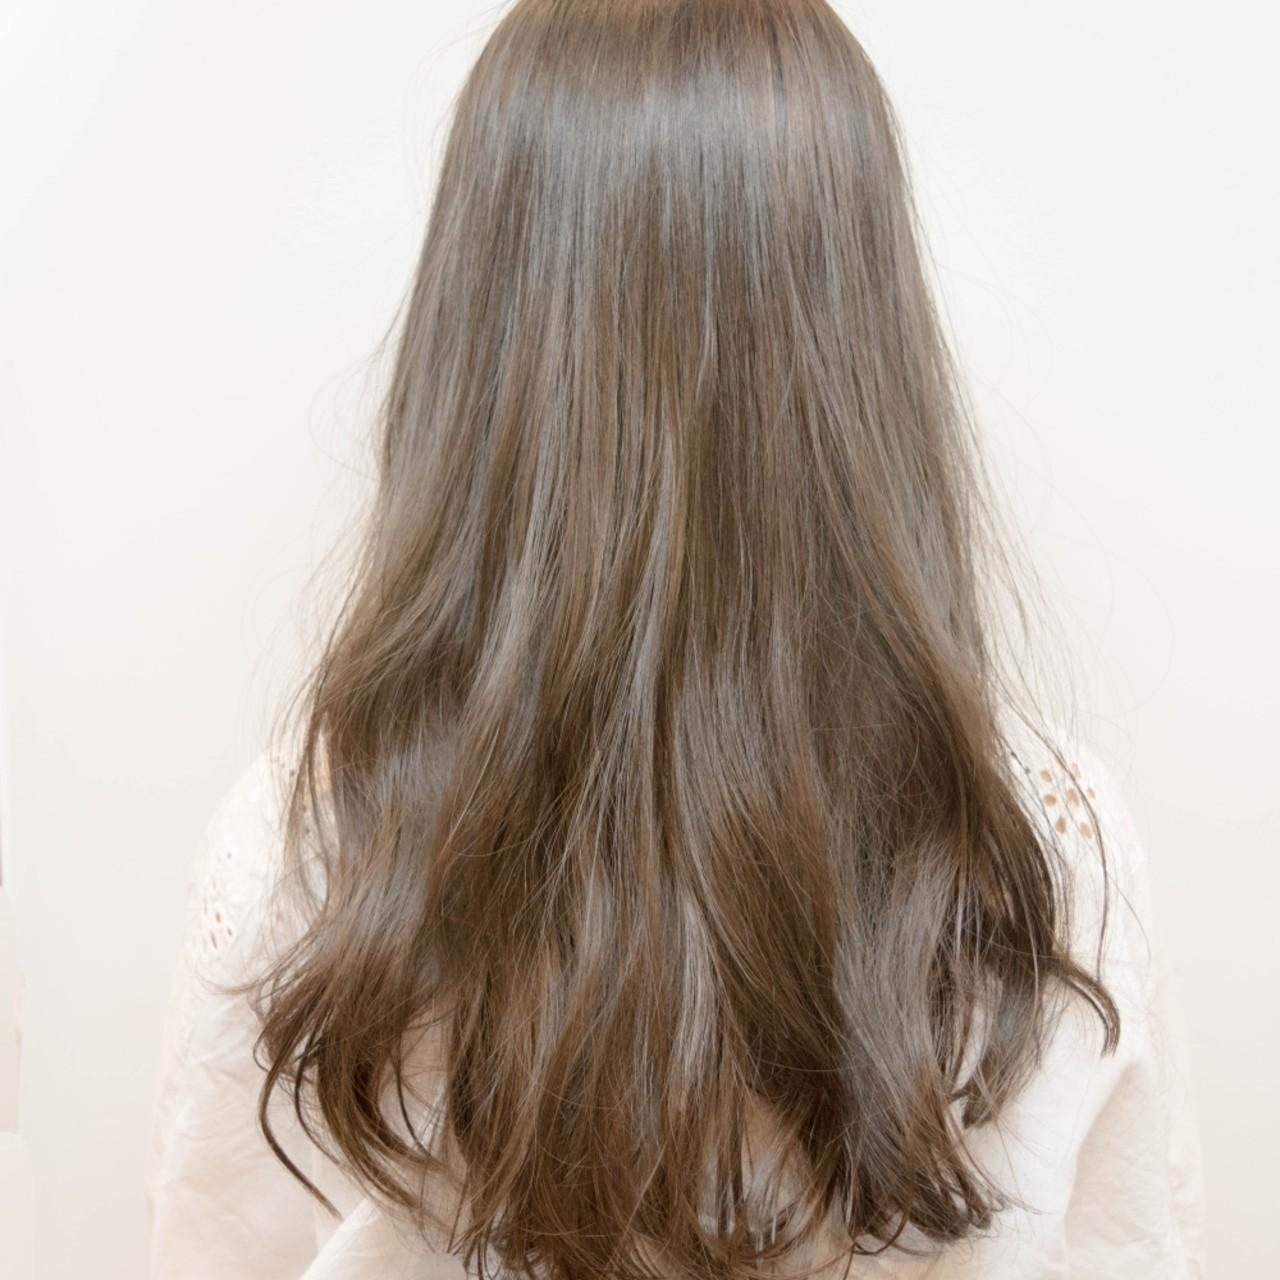 外国人風 ブルージュ フェミニン グレージュ ヘアスタイルや髪型の写真・画像 | Yoshiaki harada / BLOCK hairmake